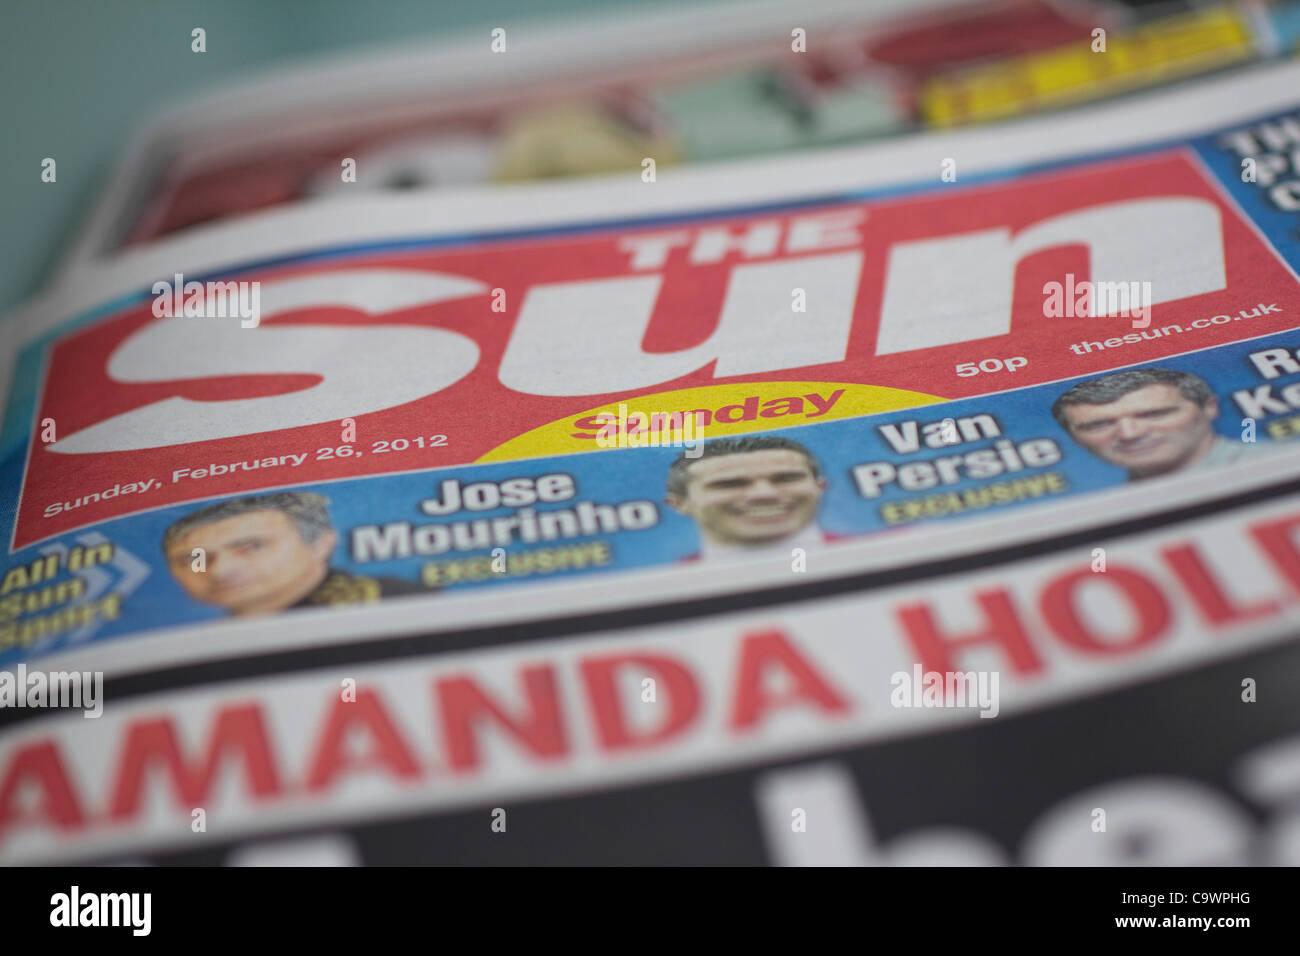 Sunday Sun, le soleil le dimanche nouveau journal Photo Stock